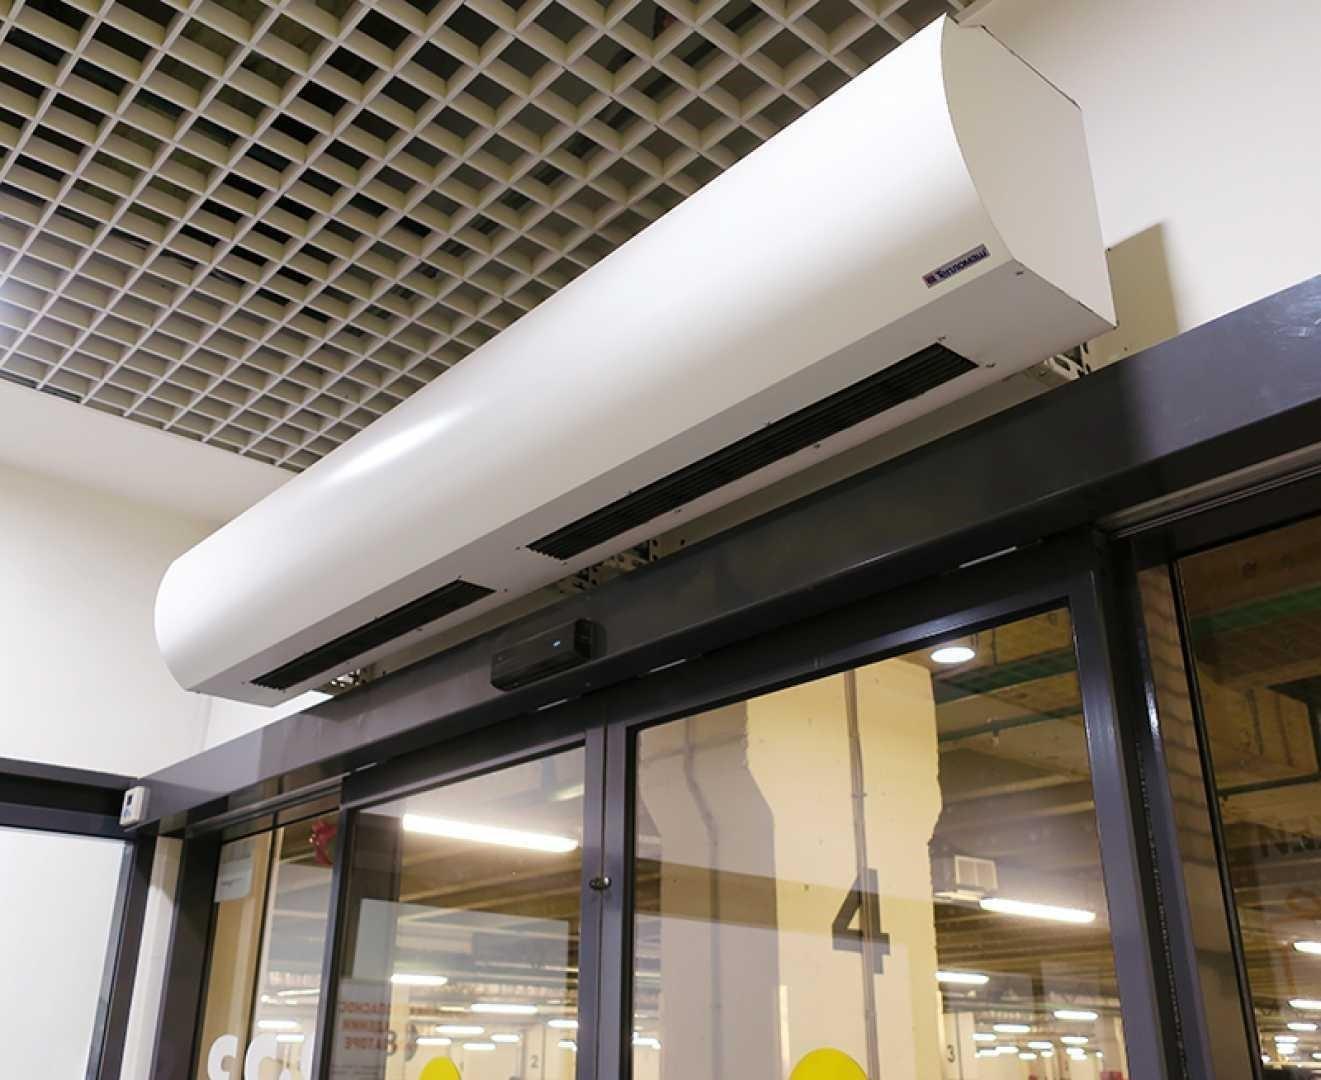 Тепловая завеса КЭВ-3П1153E - 3 кВт (длина 0,8 м.), для проемов высотой от 1-2,2 м.